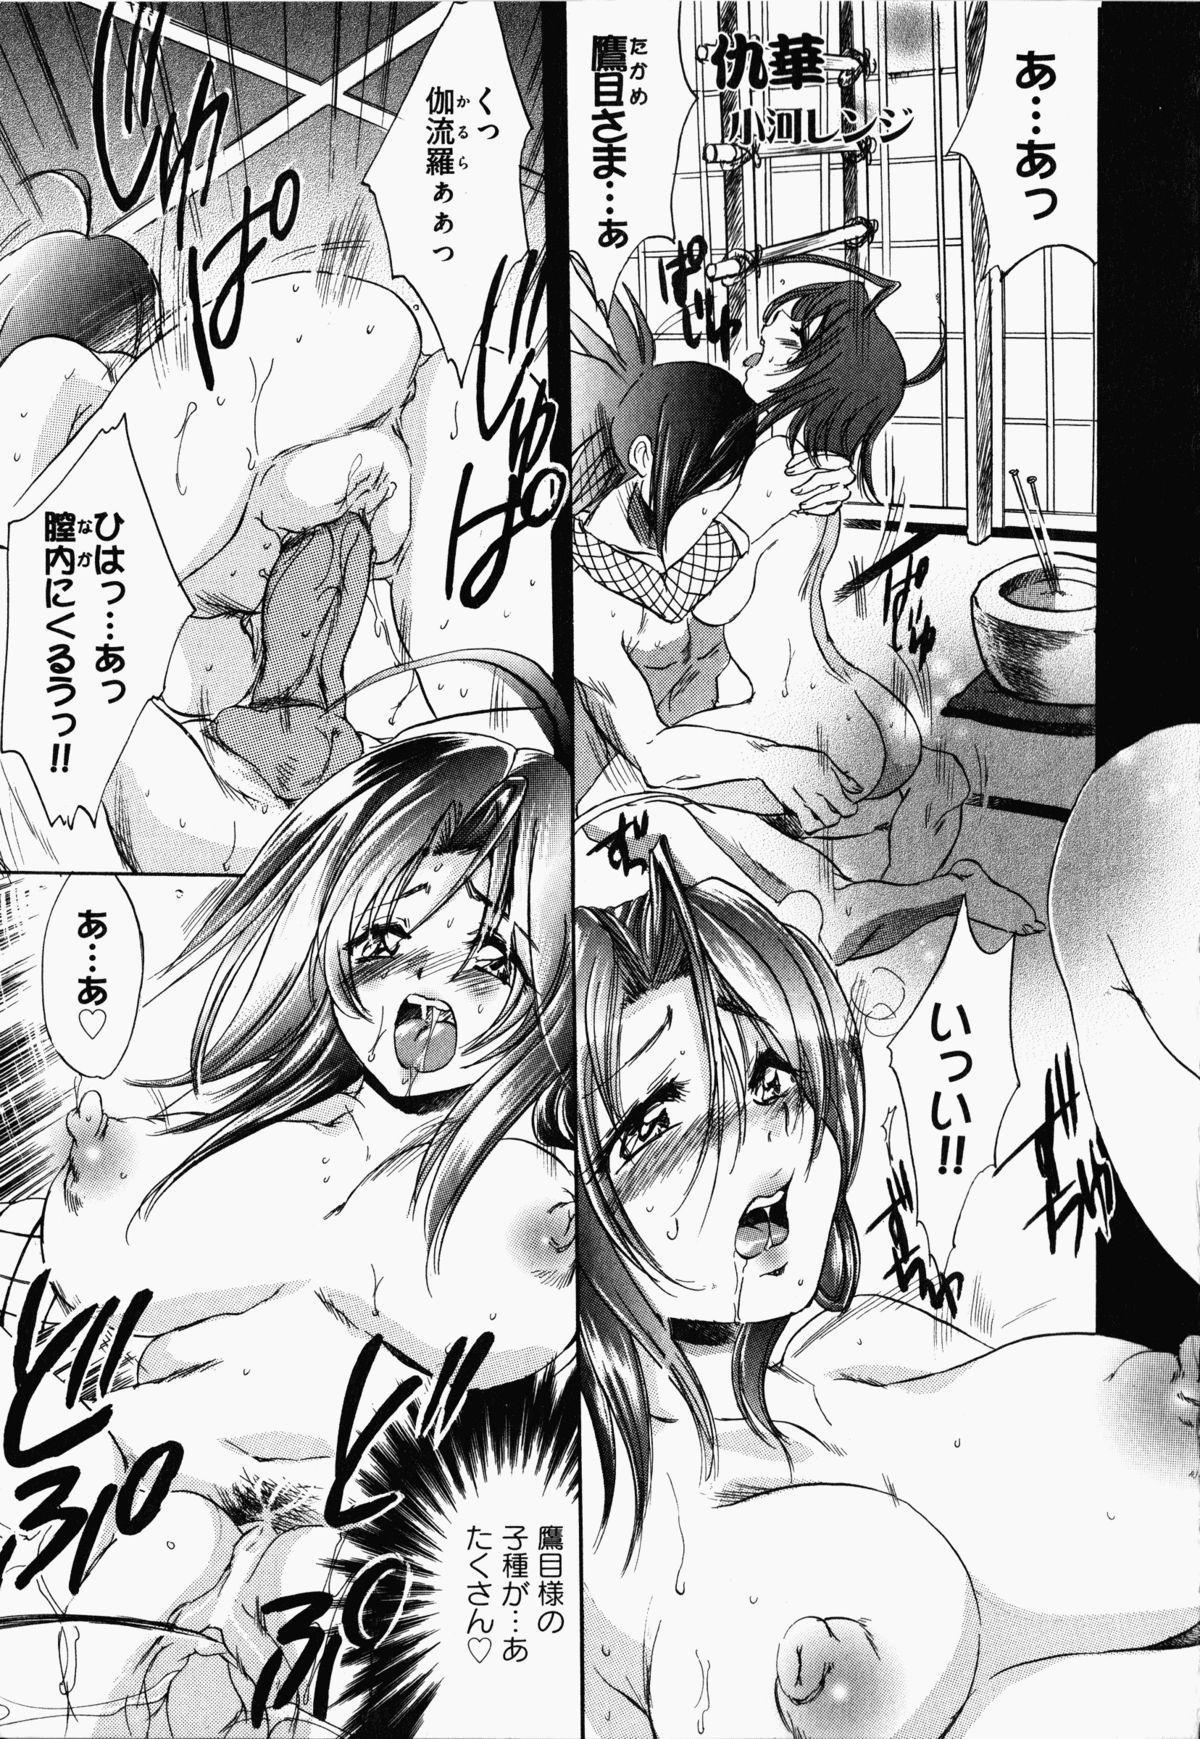 Nukenin - Hokaku, Soshite Choukyou e... 123